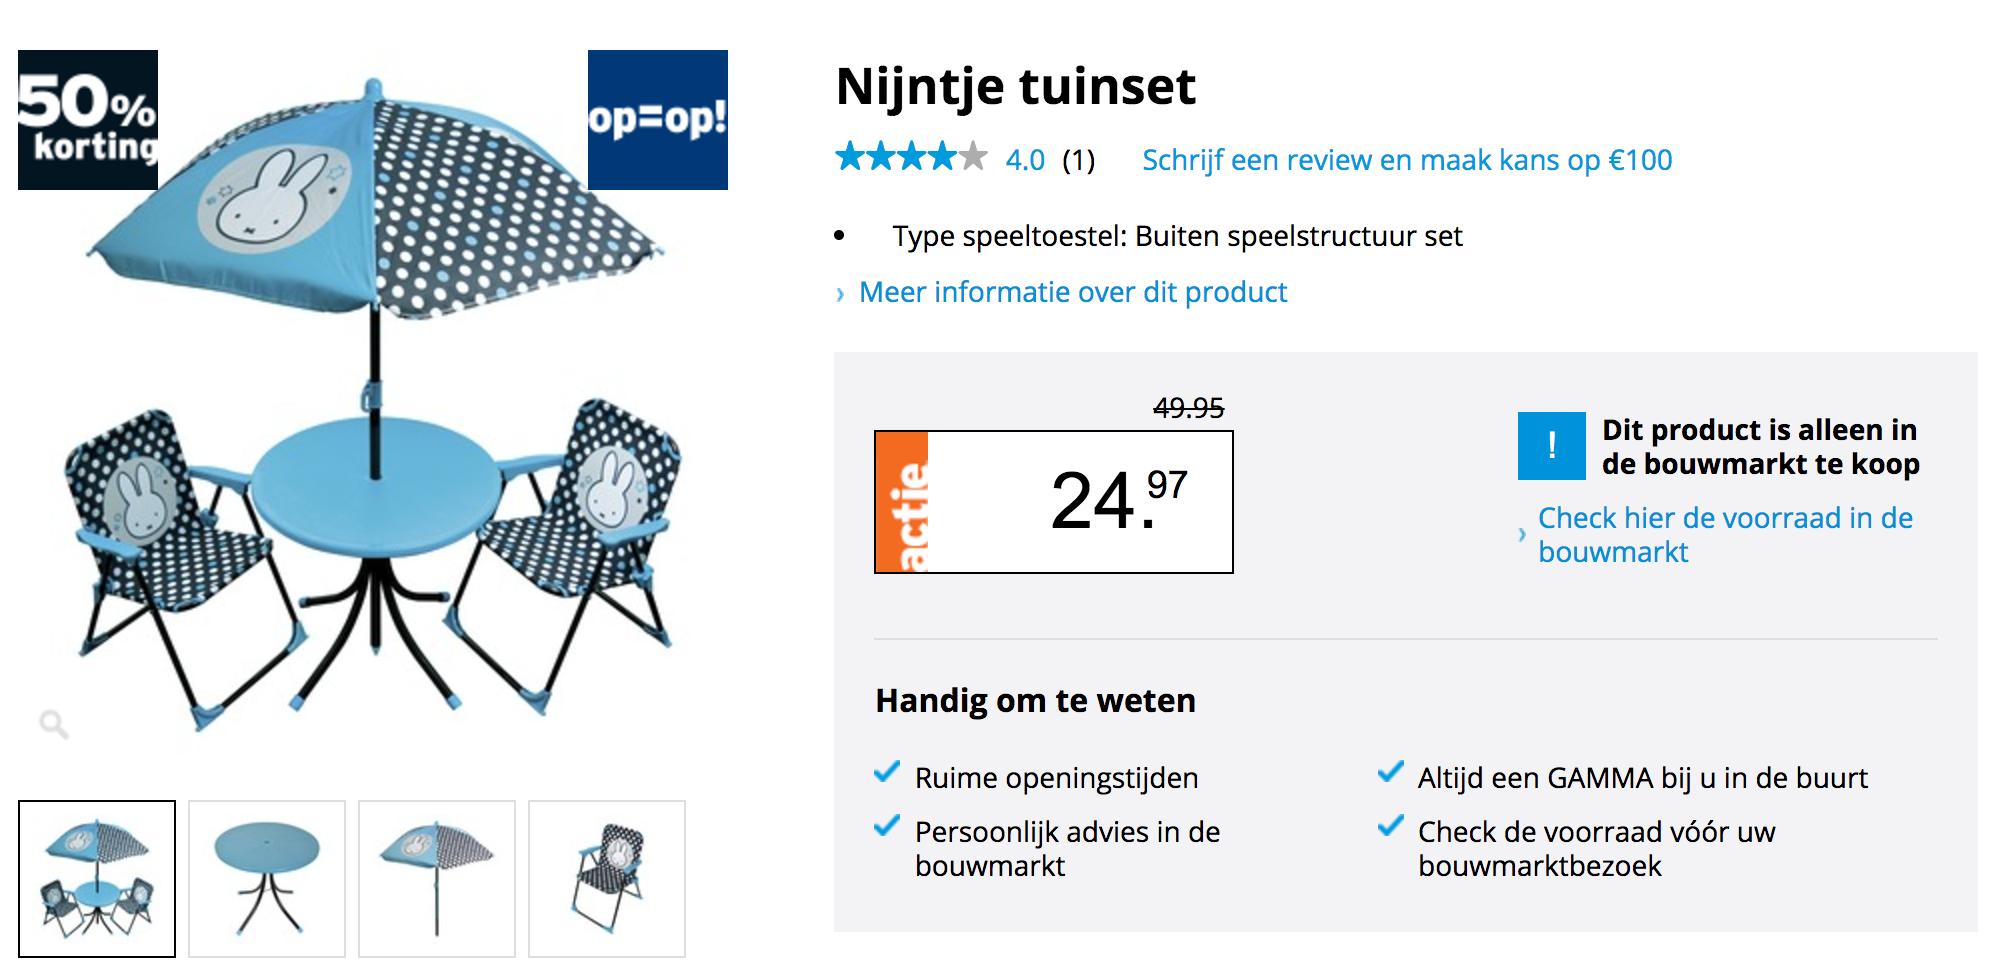 Wonderbaar Nijntje tuinset voor €24,97 WR-26